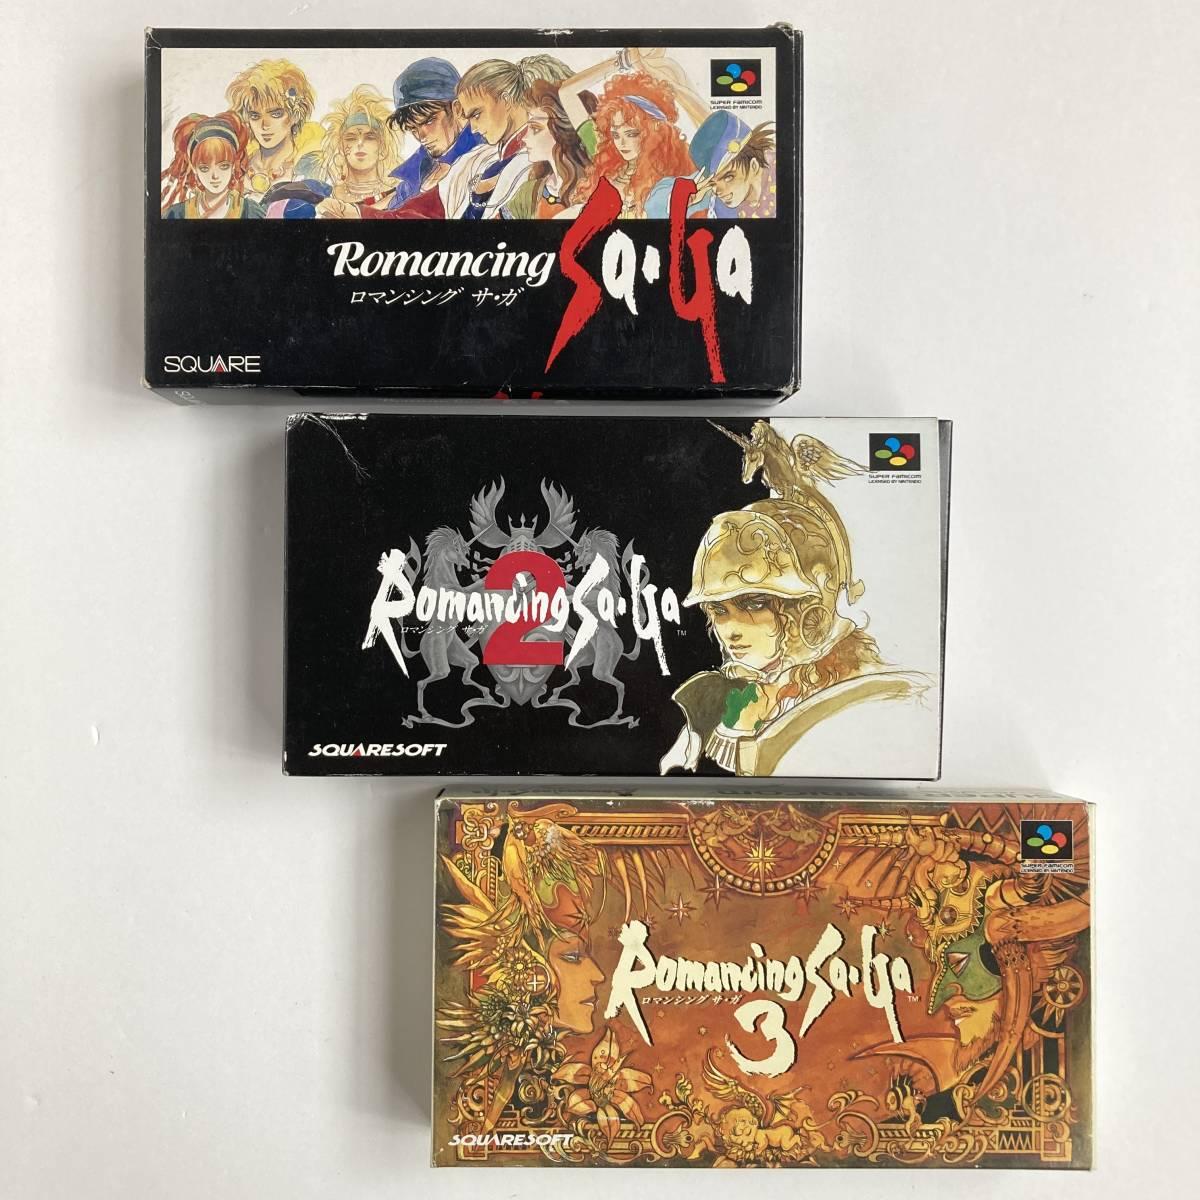 スーパーファミコン ロマンシング サガ 1 2 3 セット/ Lot 3 Romancing Saga 1 2 3 I II III SNES SFC Nintendo Famicom Square Enix Japan